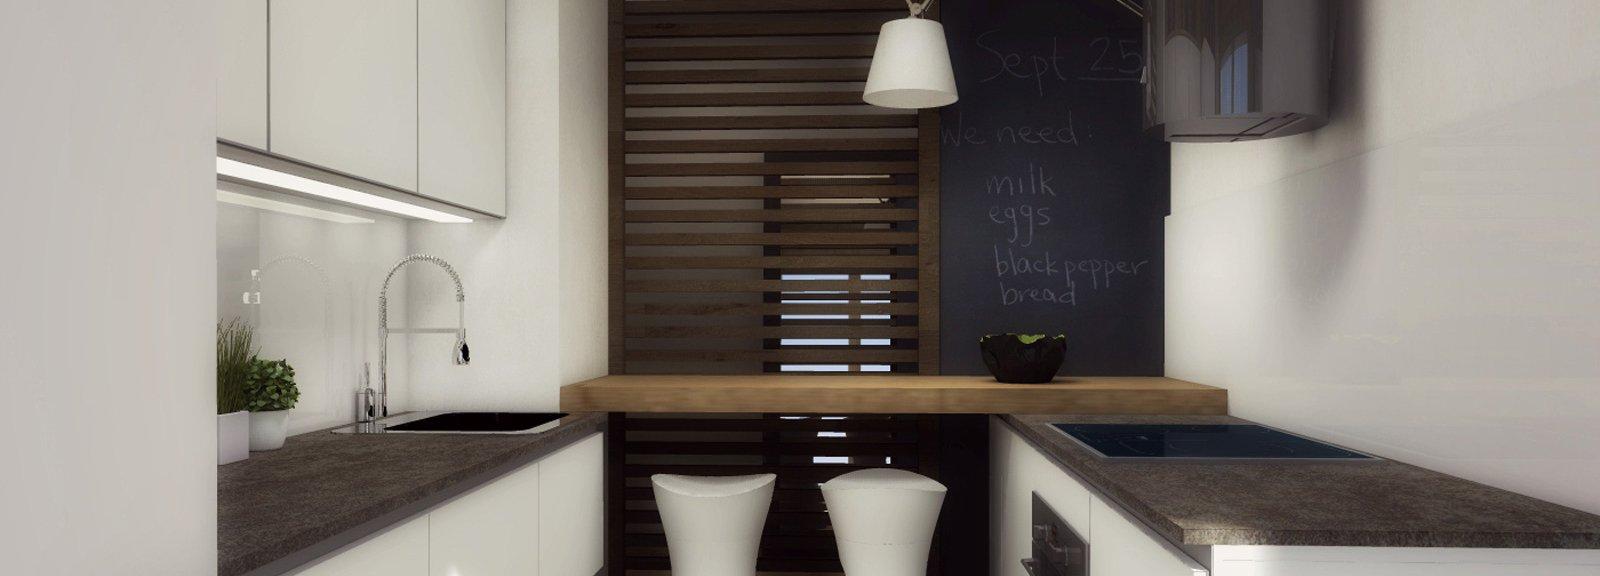 Arredamento cucine piccole: un progetto per meno di 6 mq - Cose di ...